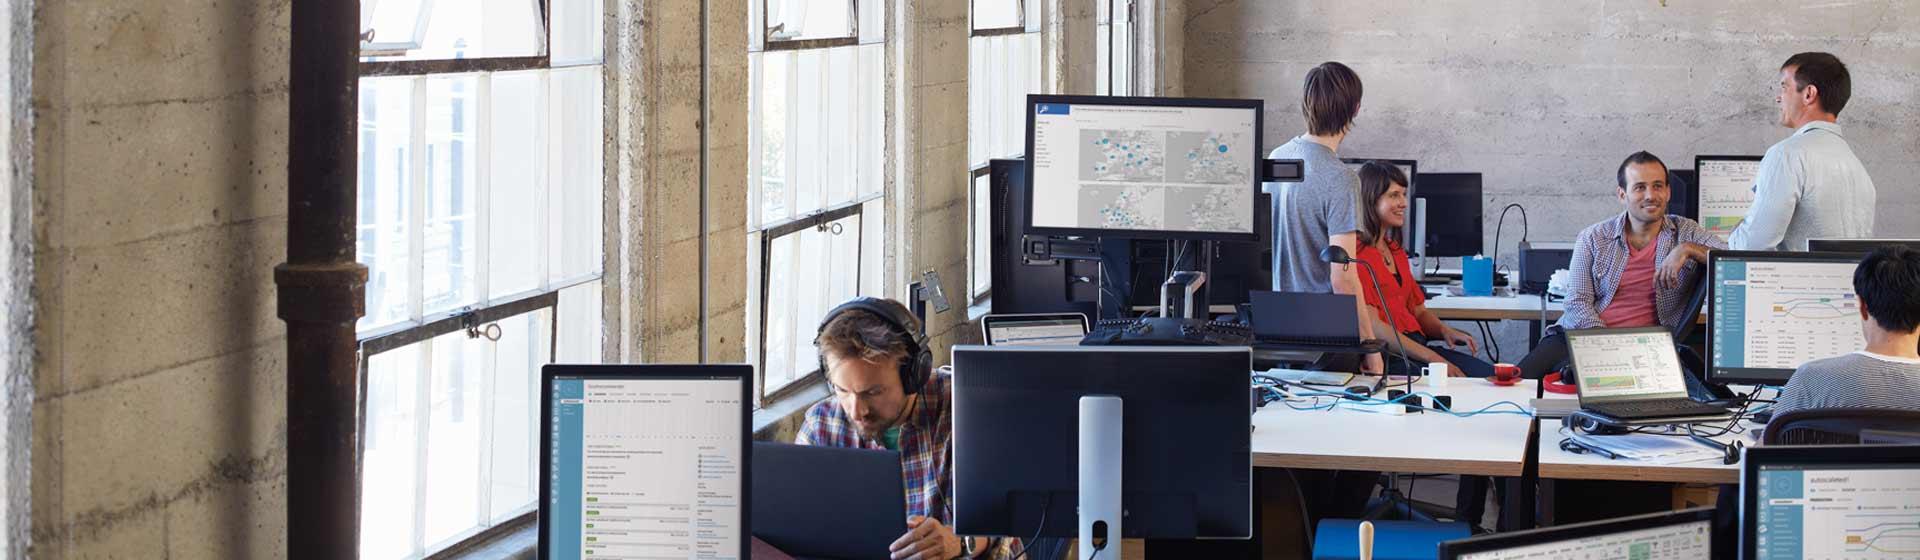 Un grup de colegi așezați pe scaun sau în picioare într-un birou plin de computere care rulează Office 365